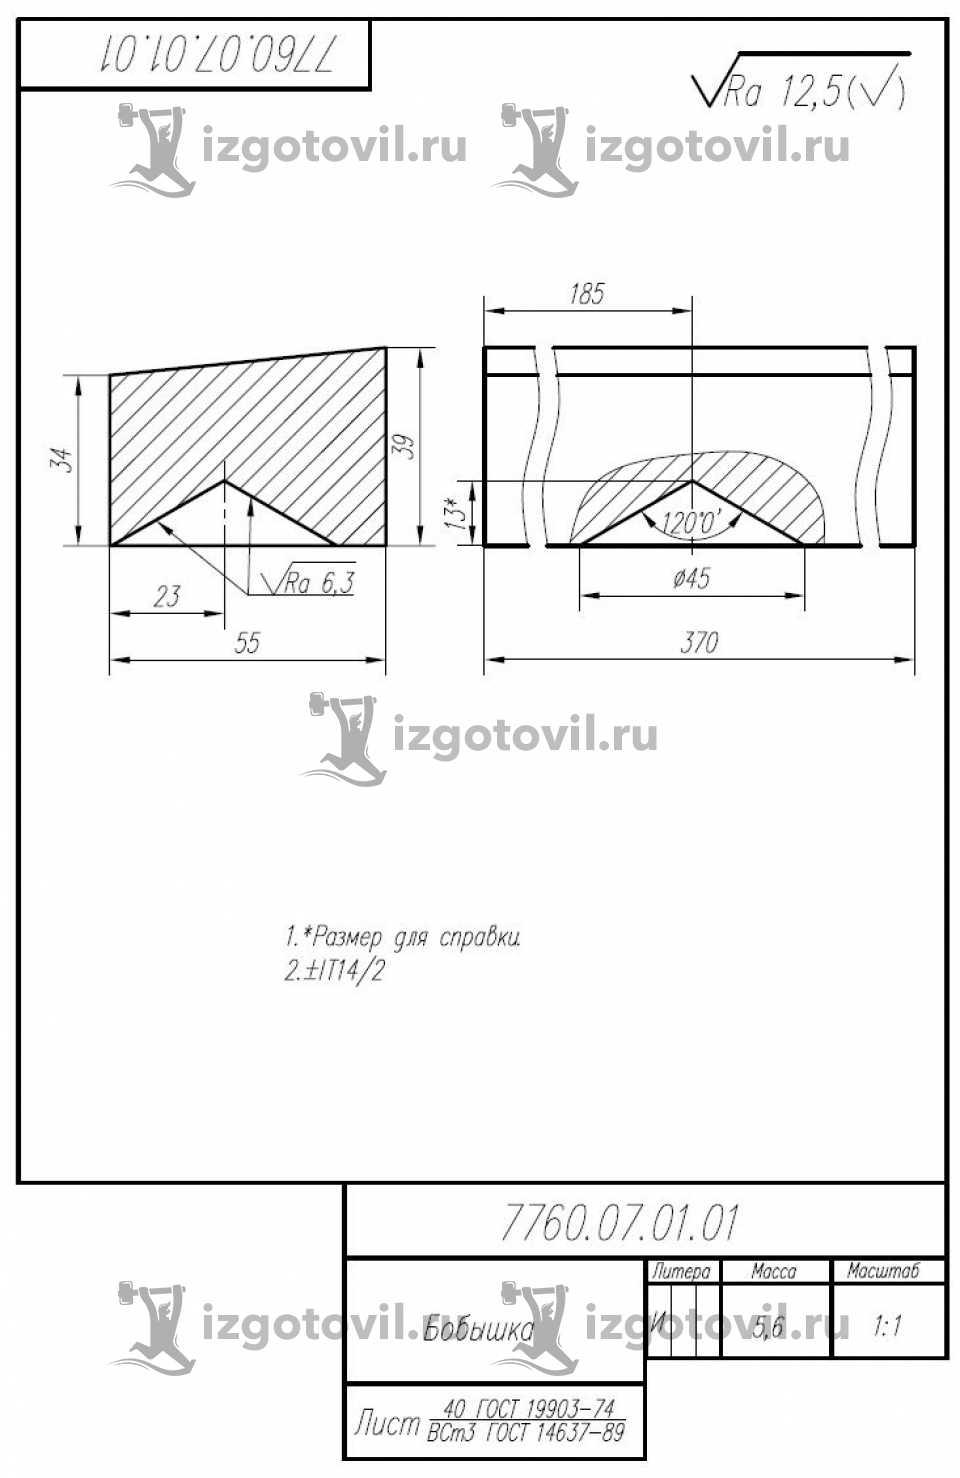 Токарные работы - изготовление деталей